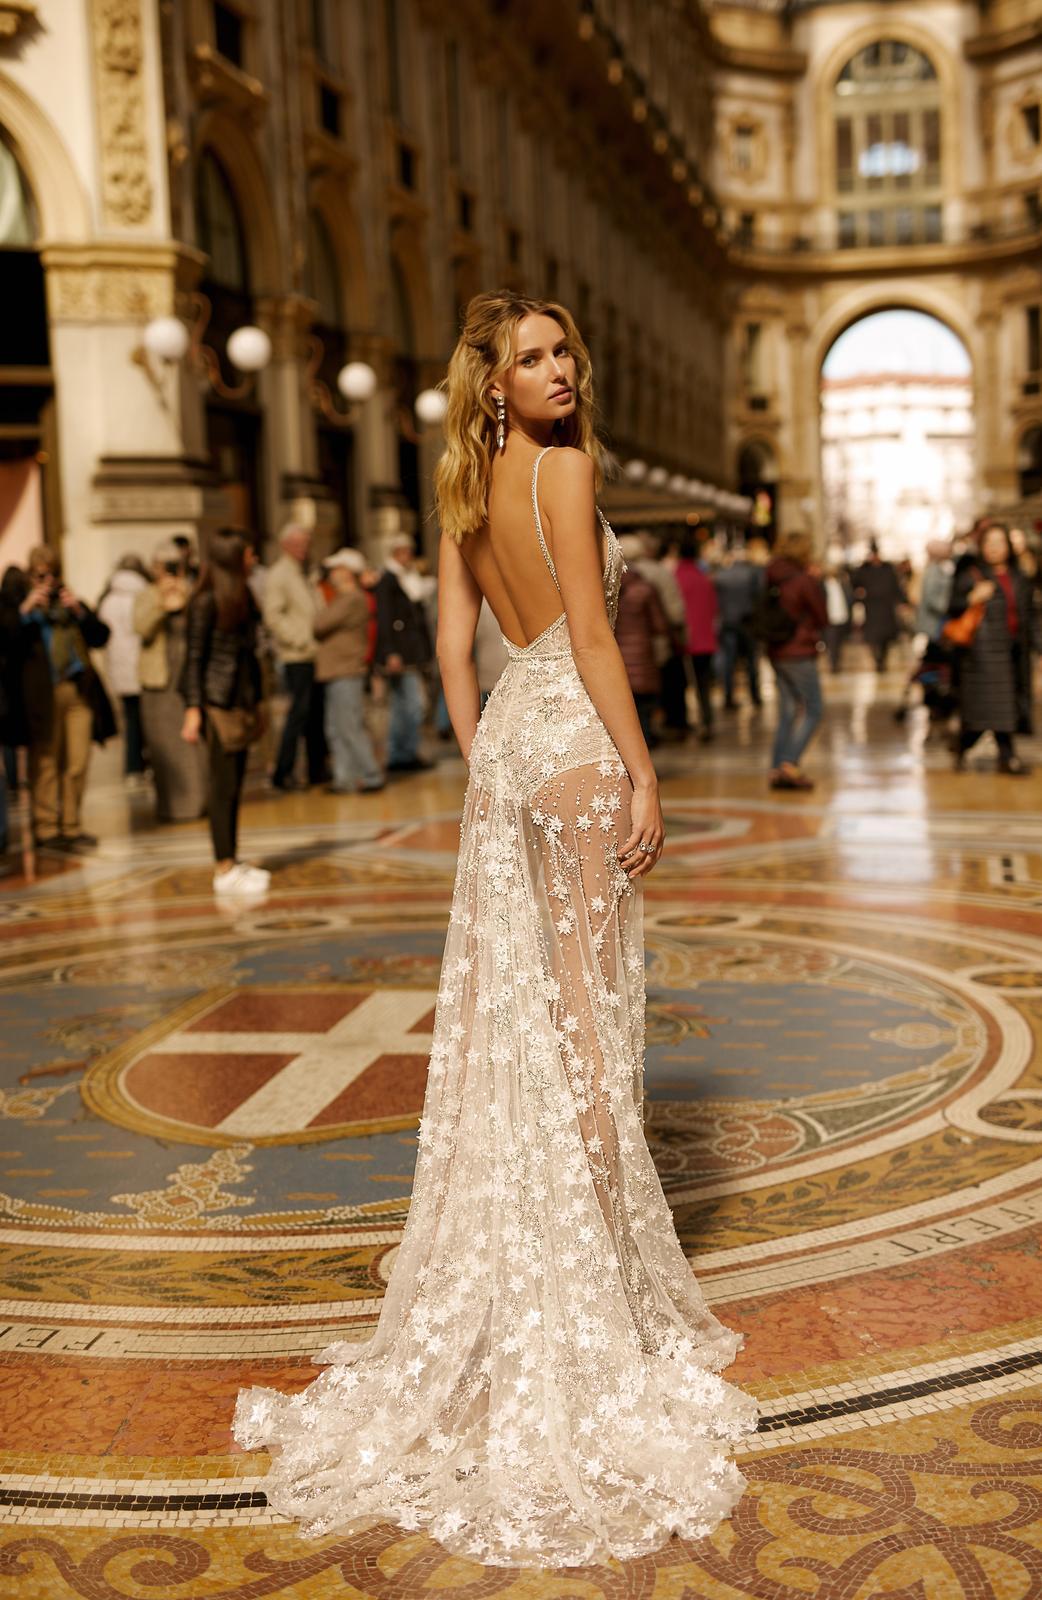 Svadobné šaty jar/leto 2020 BERTA Miláno - Obrázok č. 15